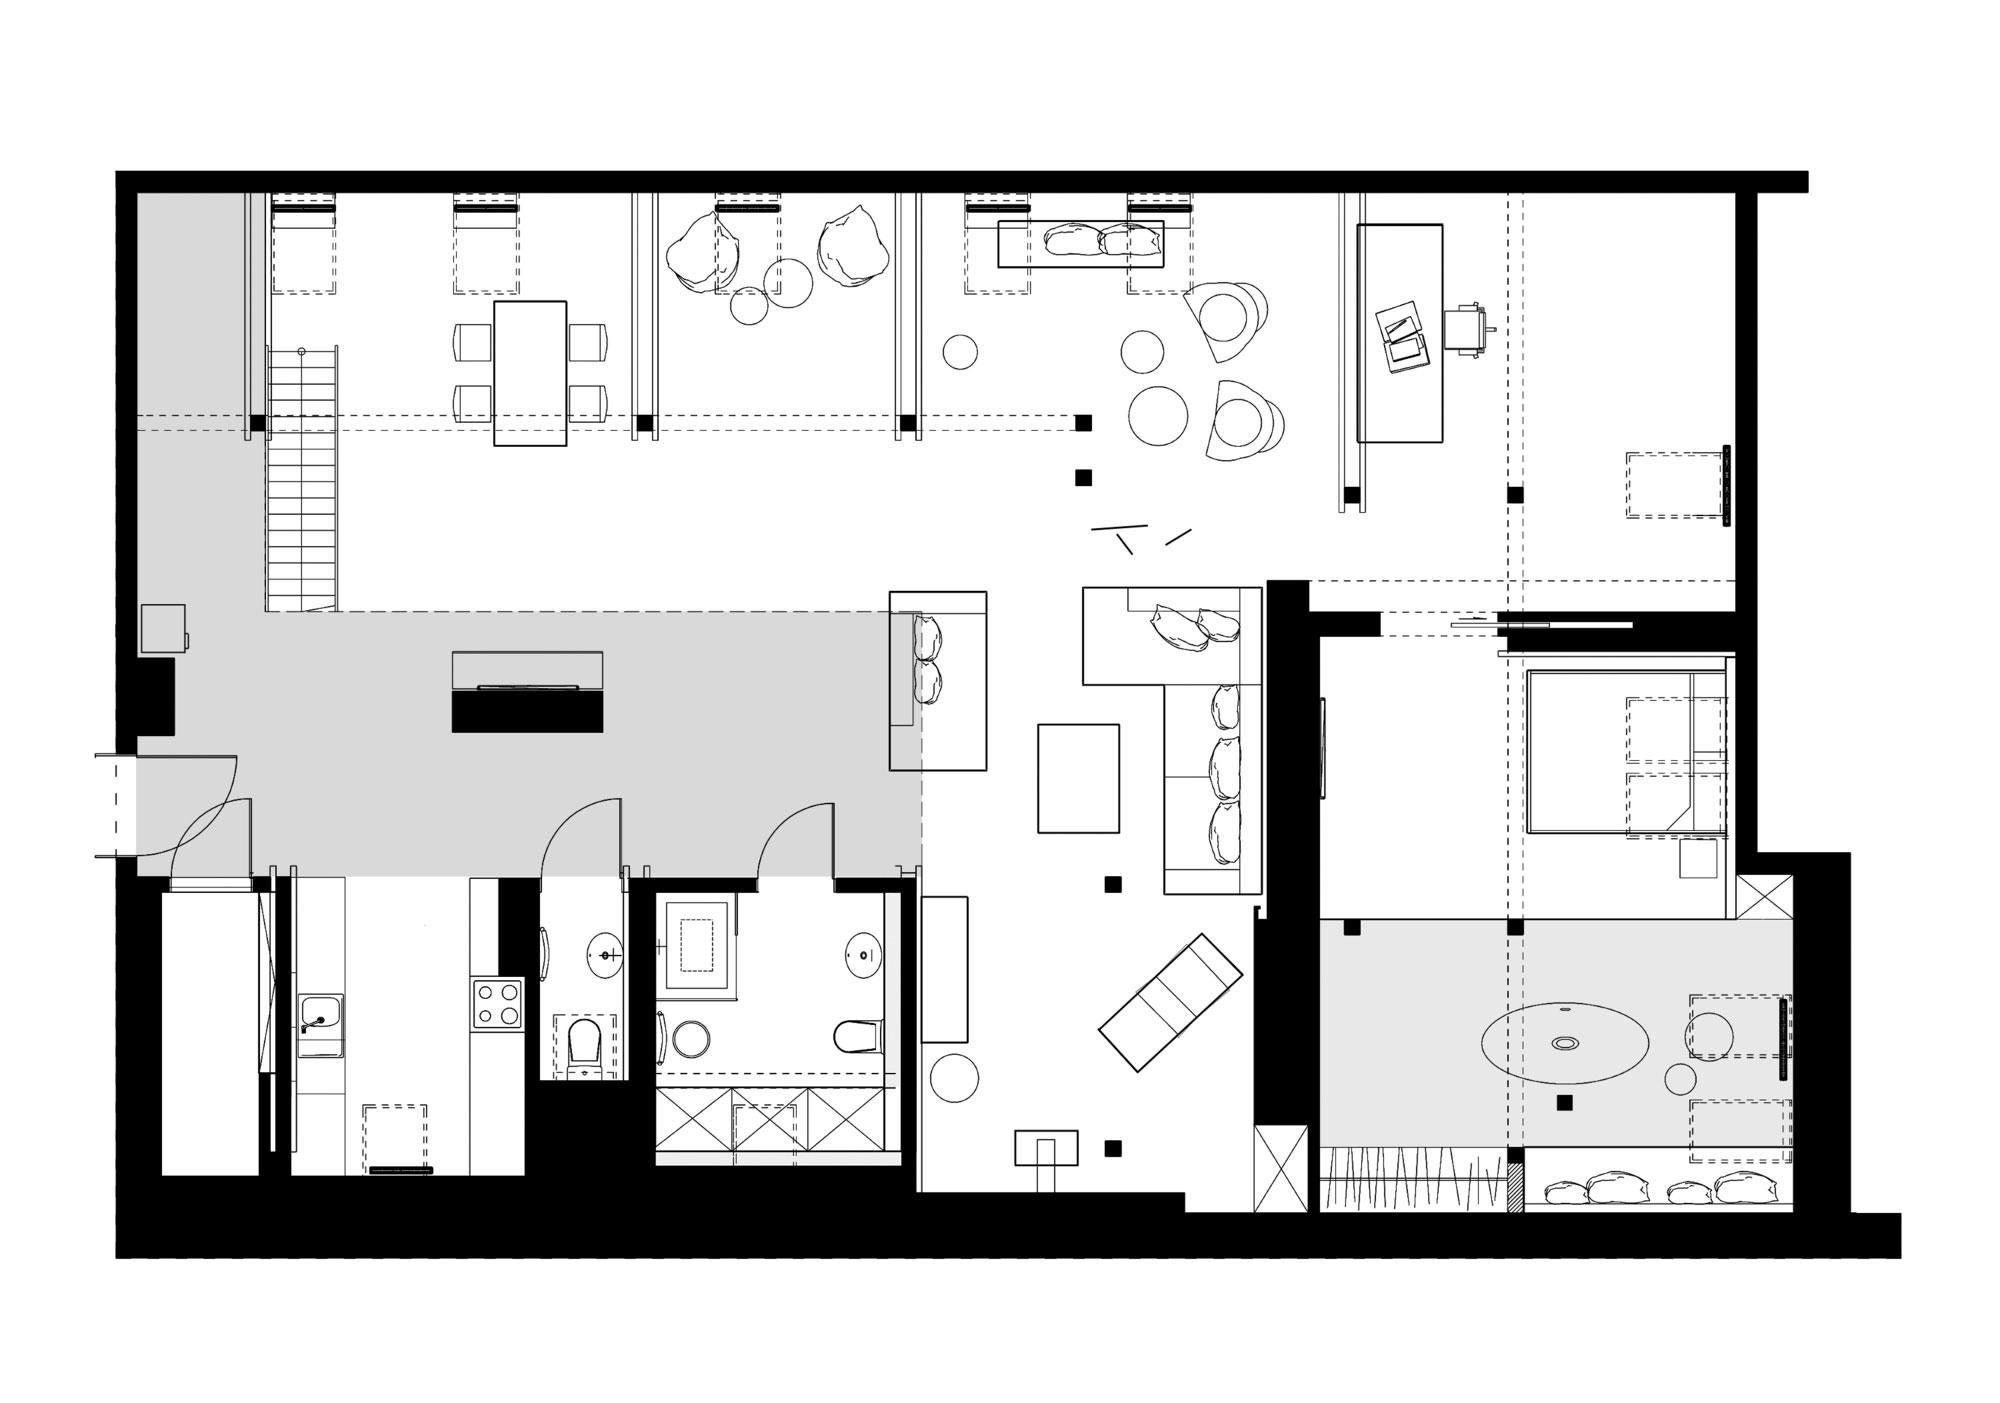 Plan d 39 am nagement d 39 un grenier en loft - Plan amenagement combles ...